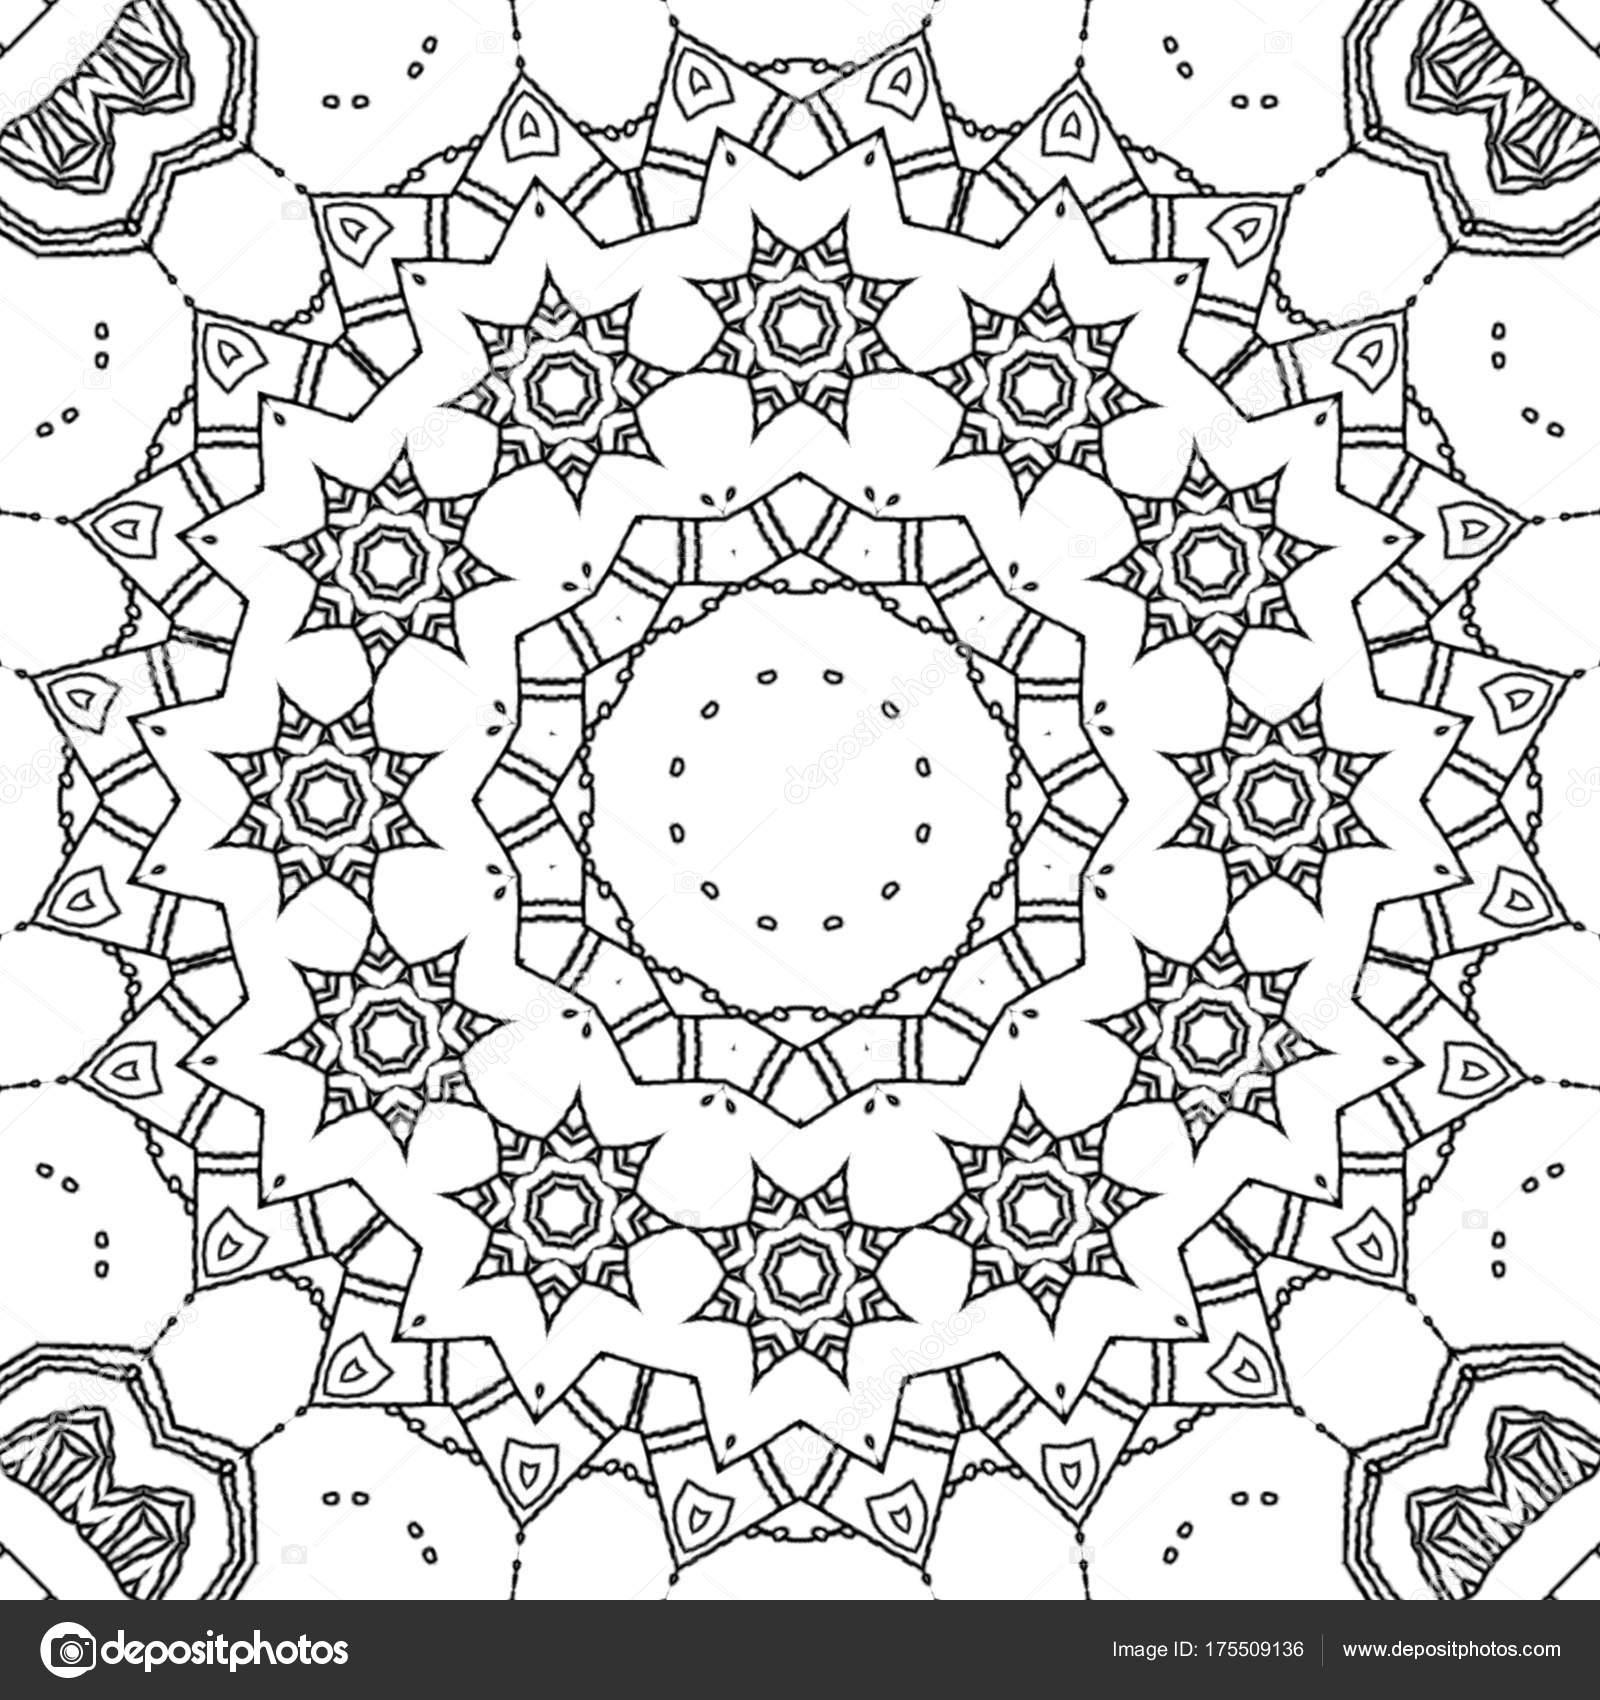 Malvorlagen Zeichnung Abstrakt Monochrome Mandala Ornament Mit ...